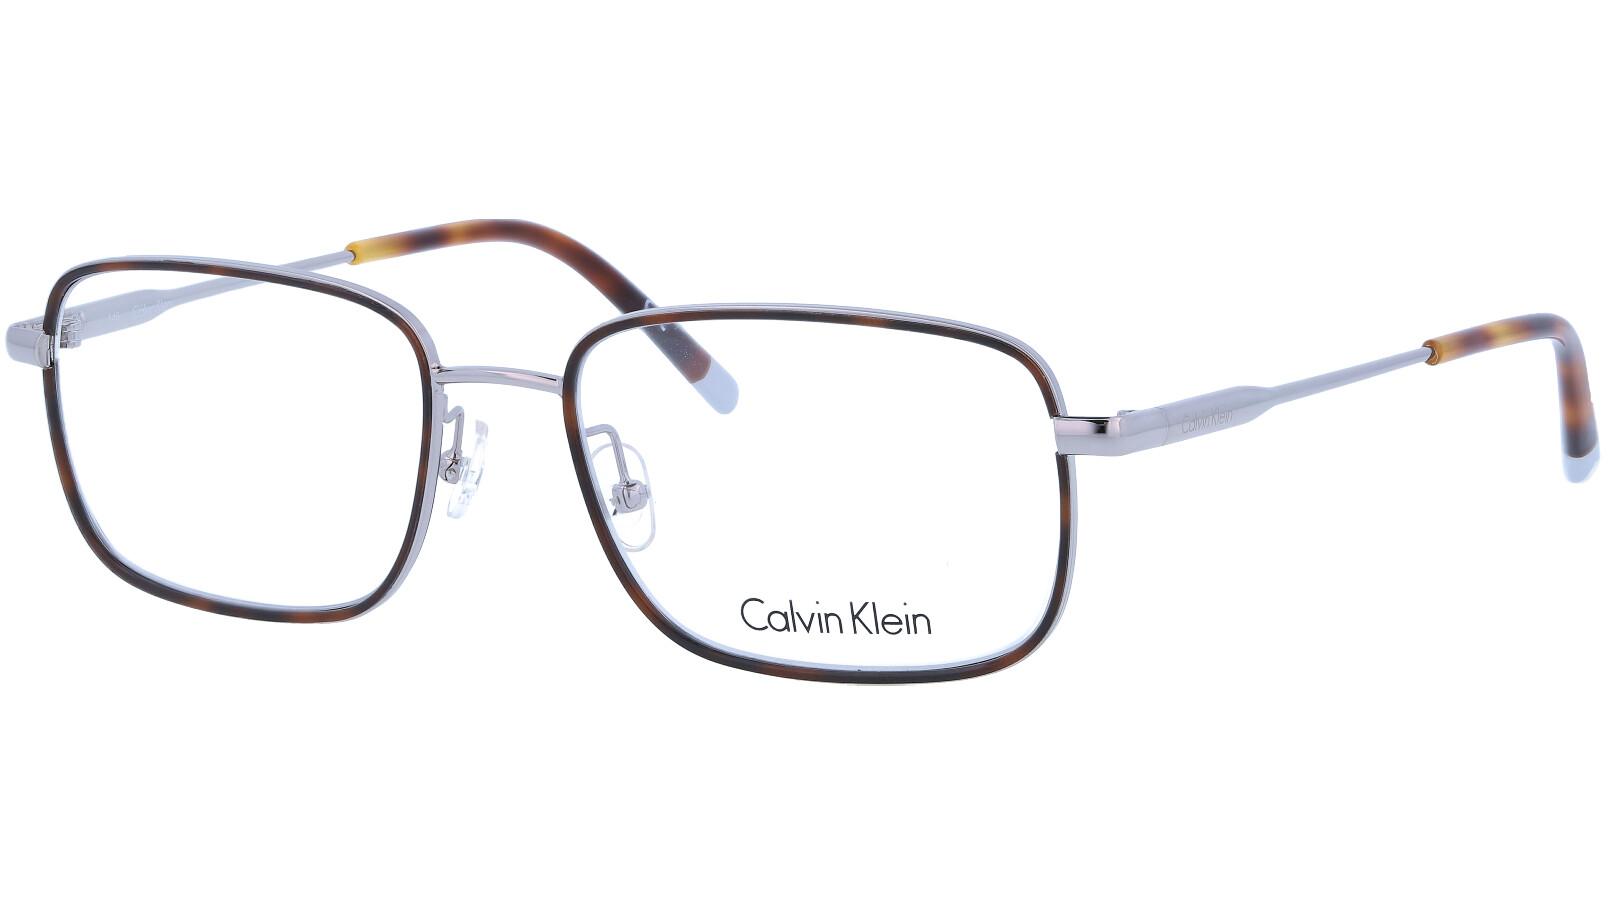 Calvin Klein CK5456 046 55 Platinum Glasses